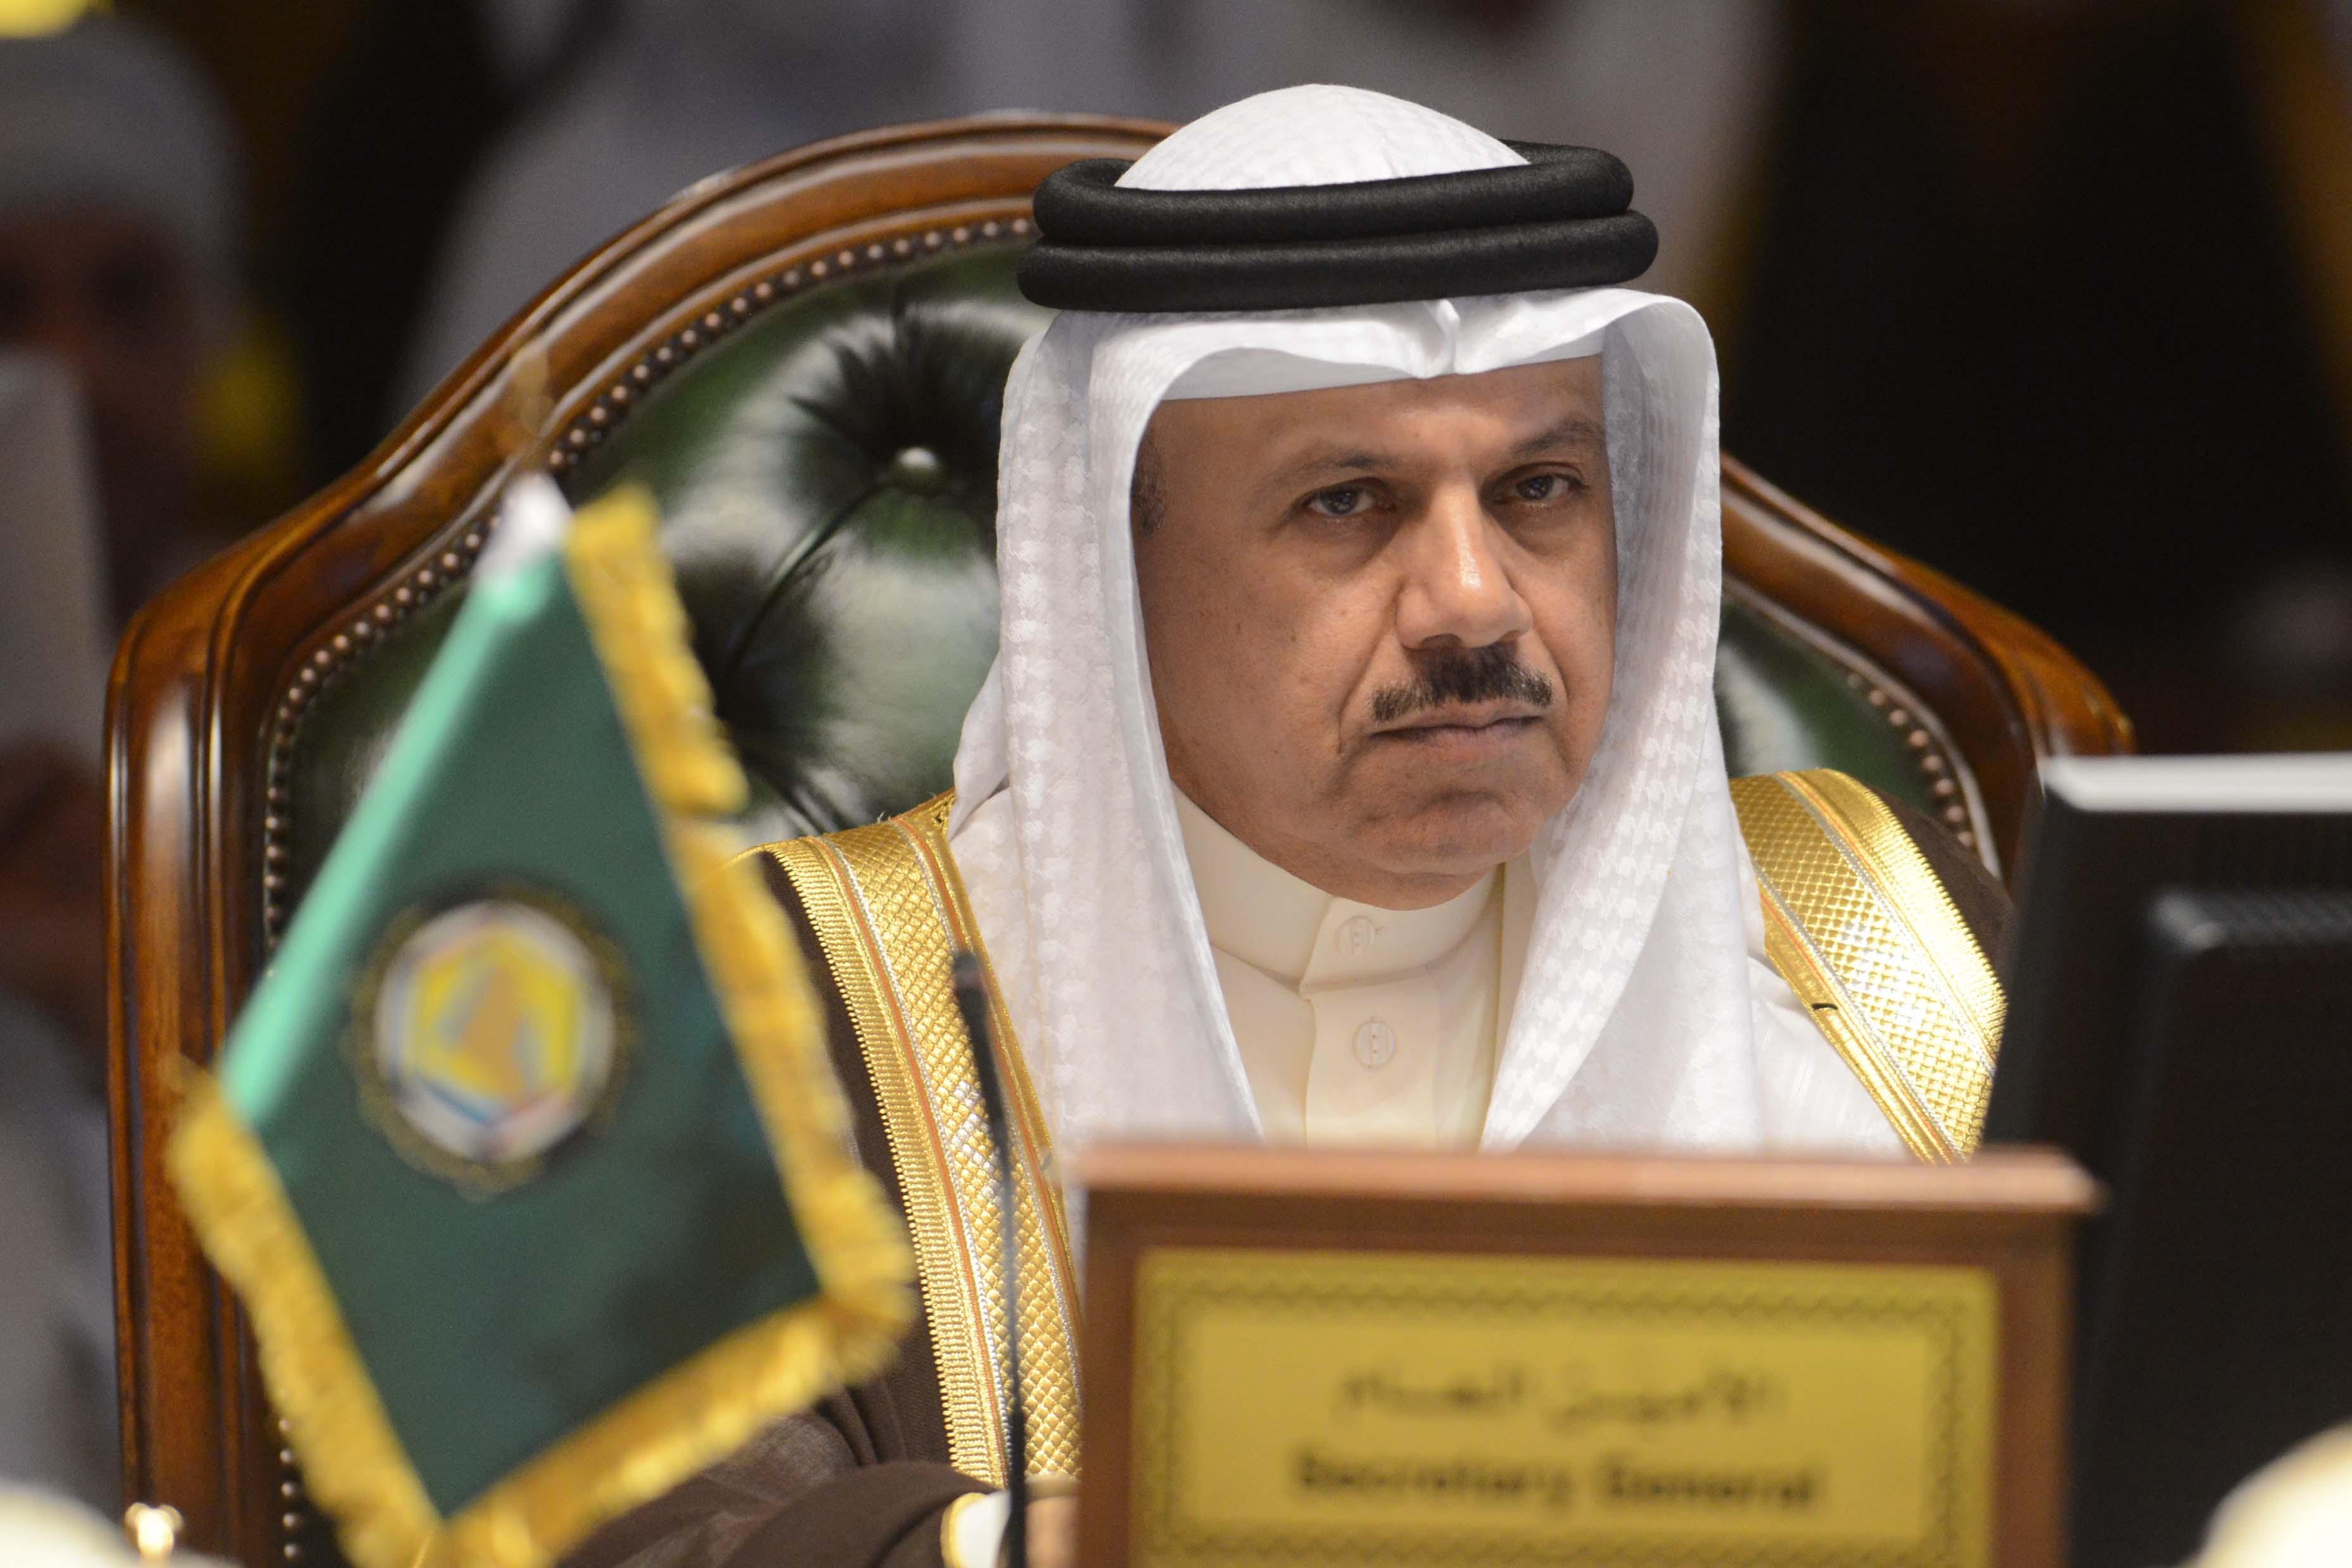 شورای کشورهای همکاری خلیج از عملیات نظامی آمریکا بر علیه رژیم اسد حمایت کرد